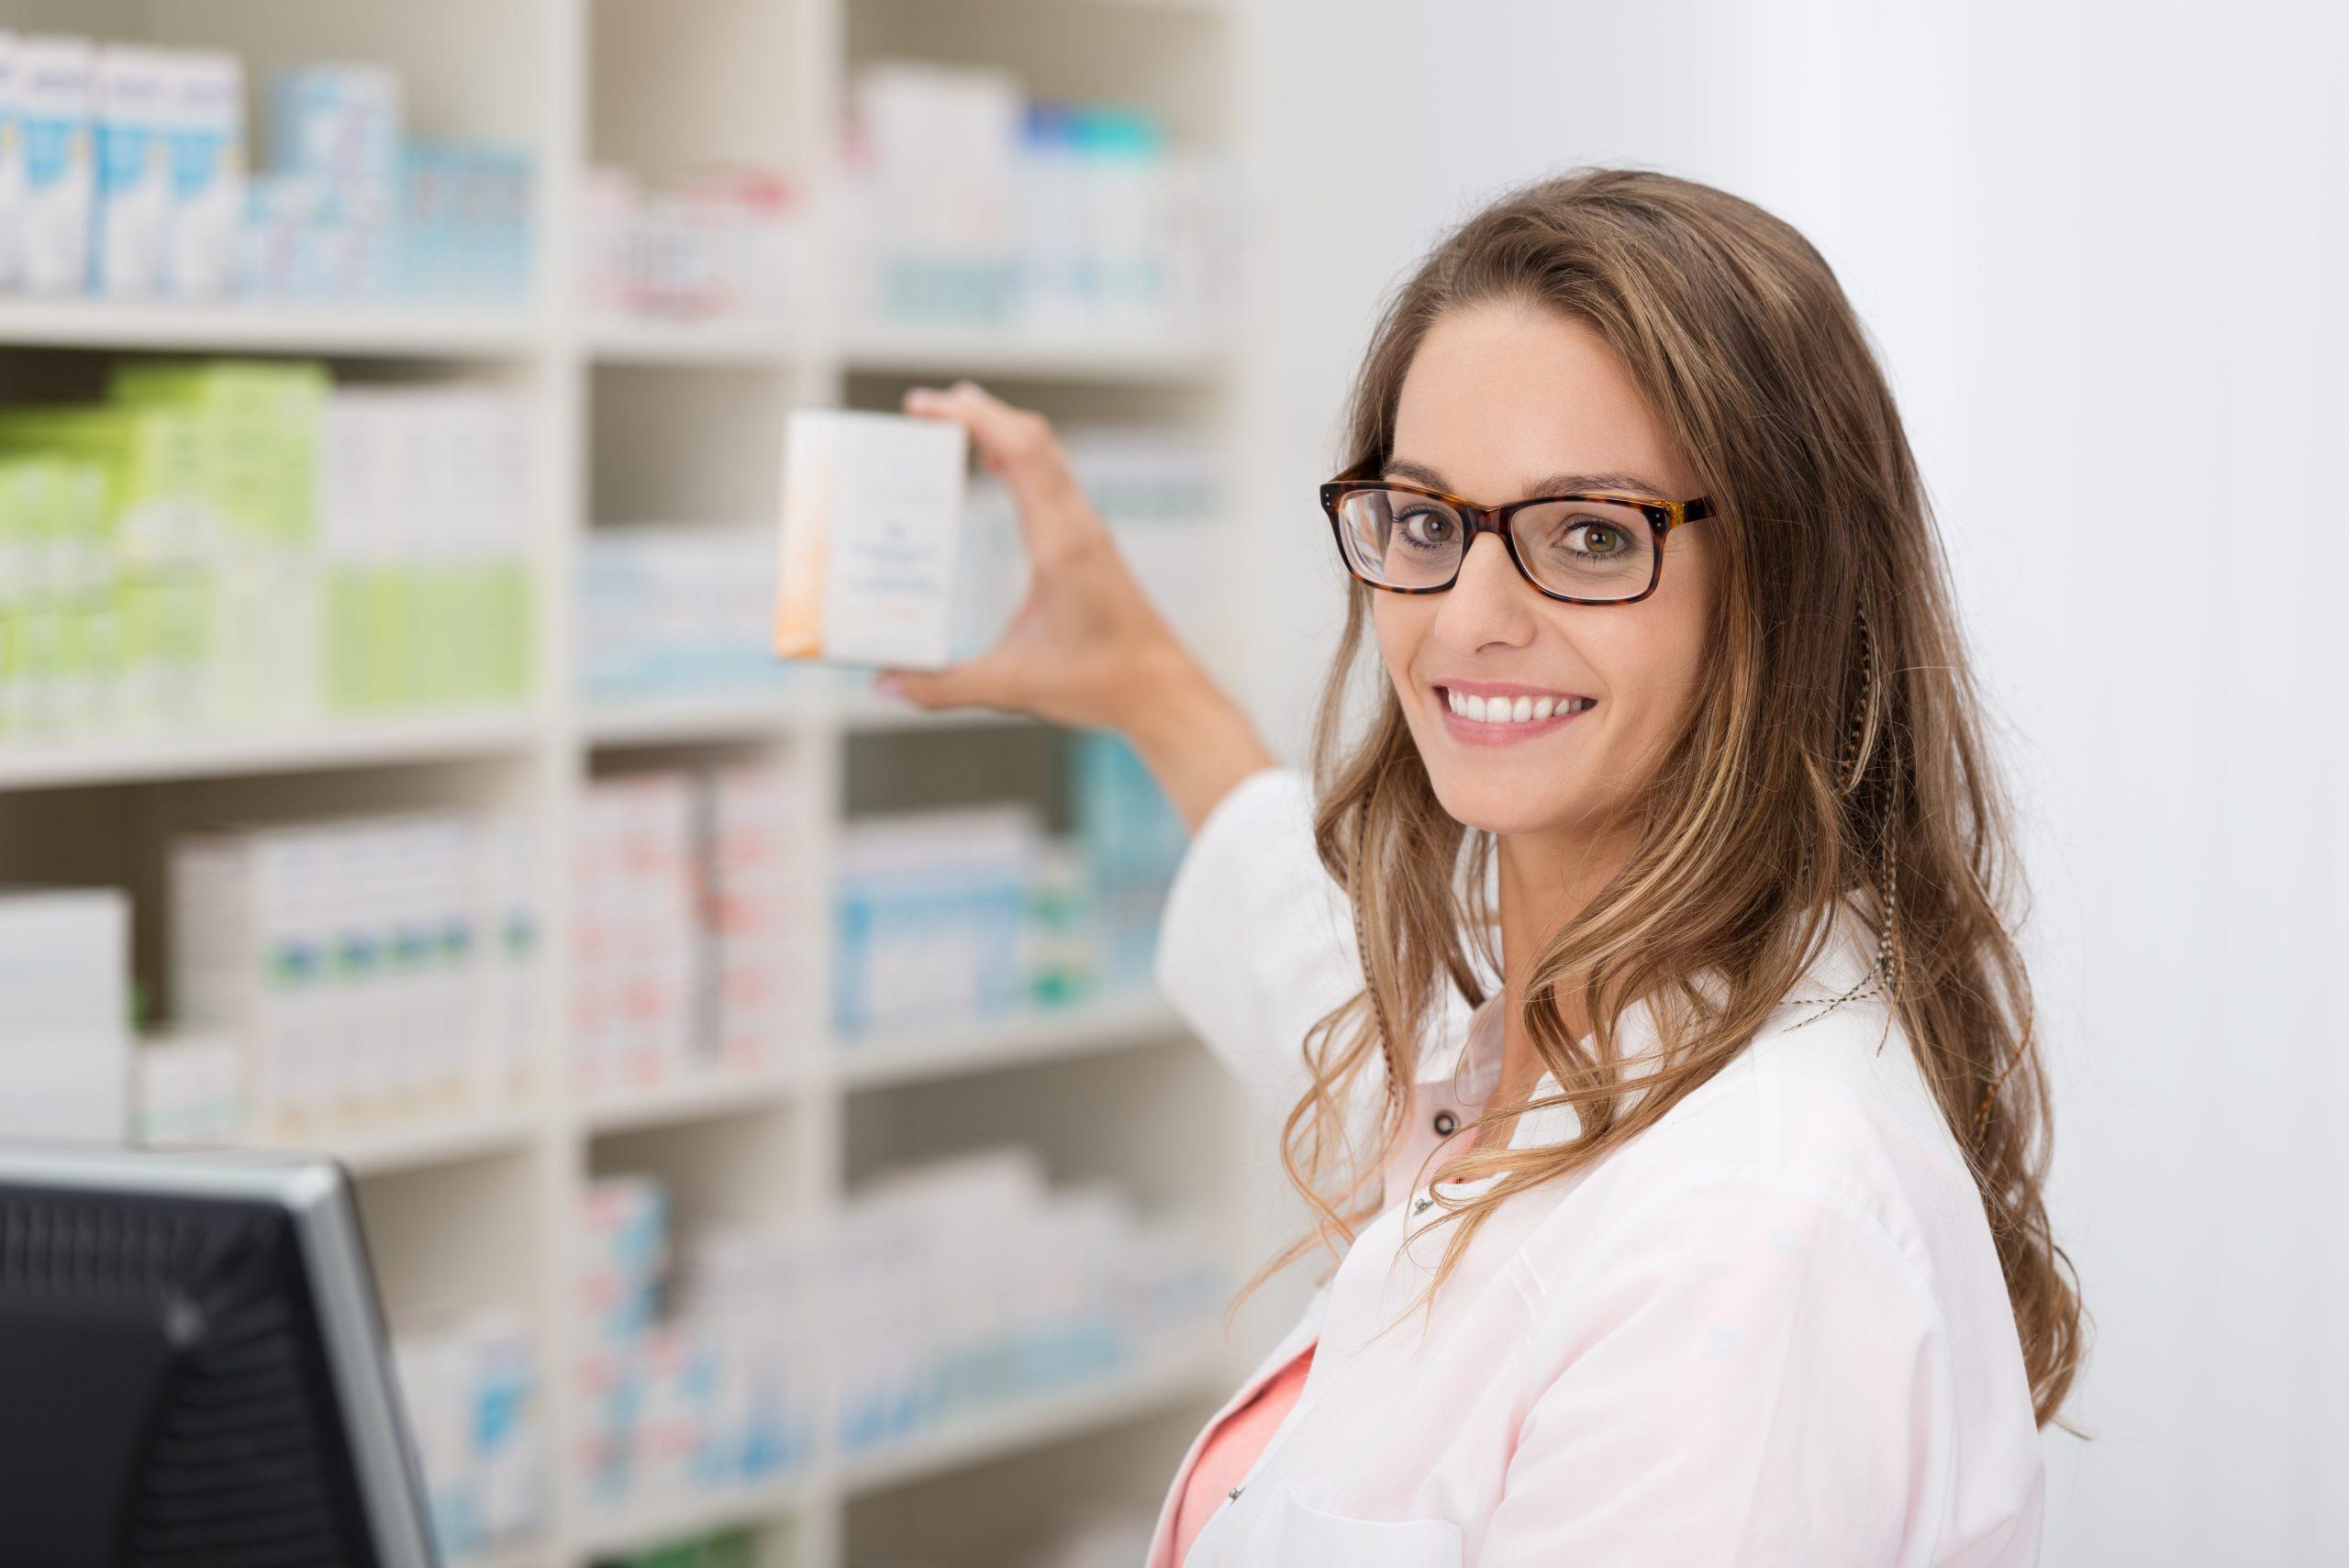 Psicosoft - Proyecto de impulso comercial en el sector farmacéutico